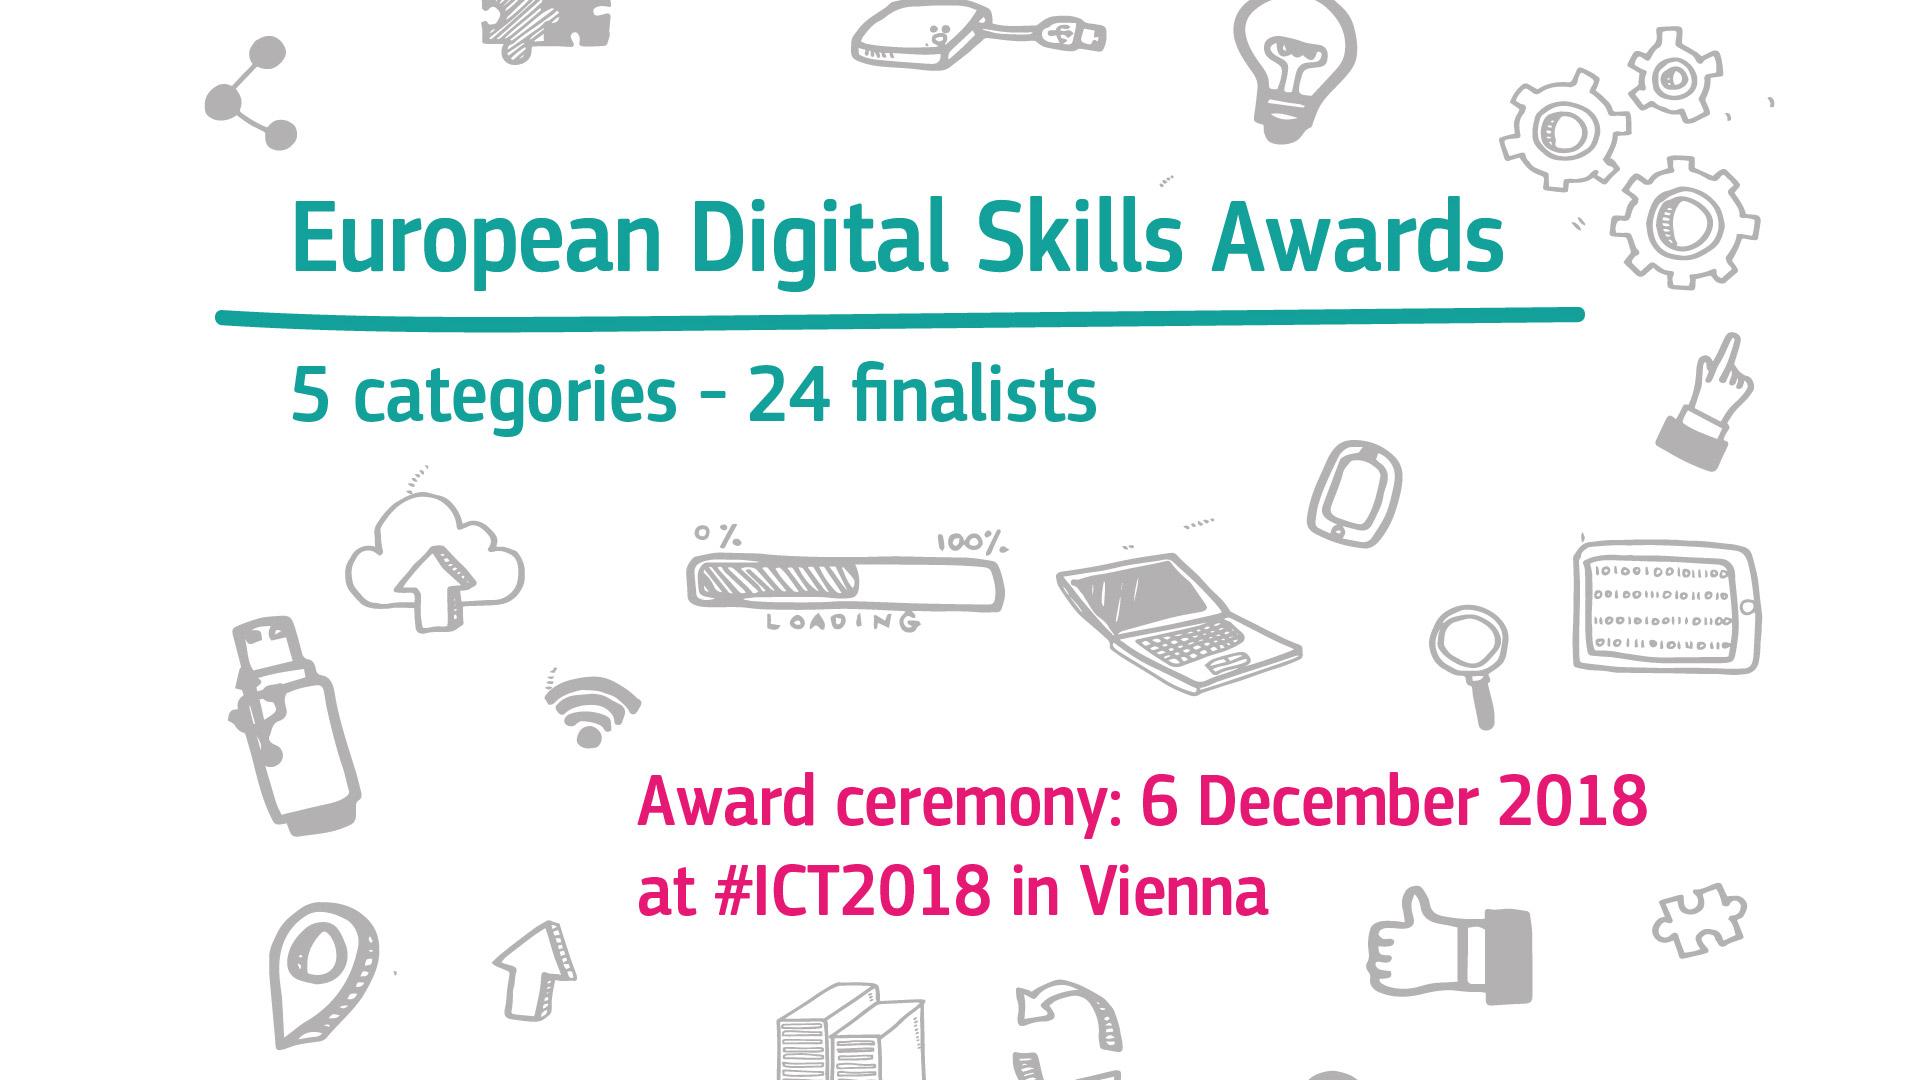 European Digital Skills Awards